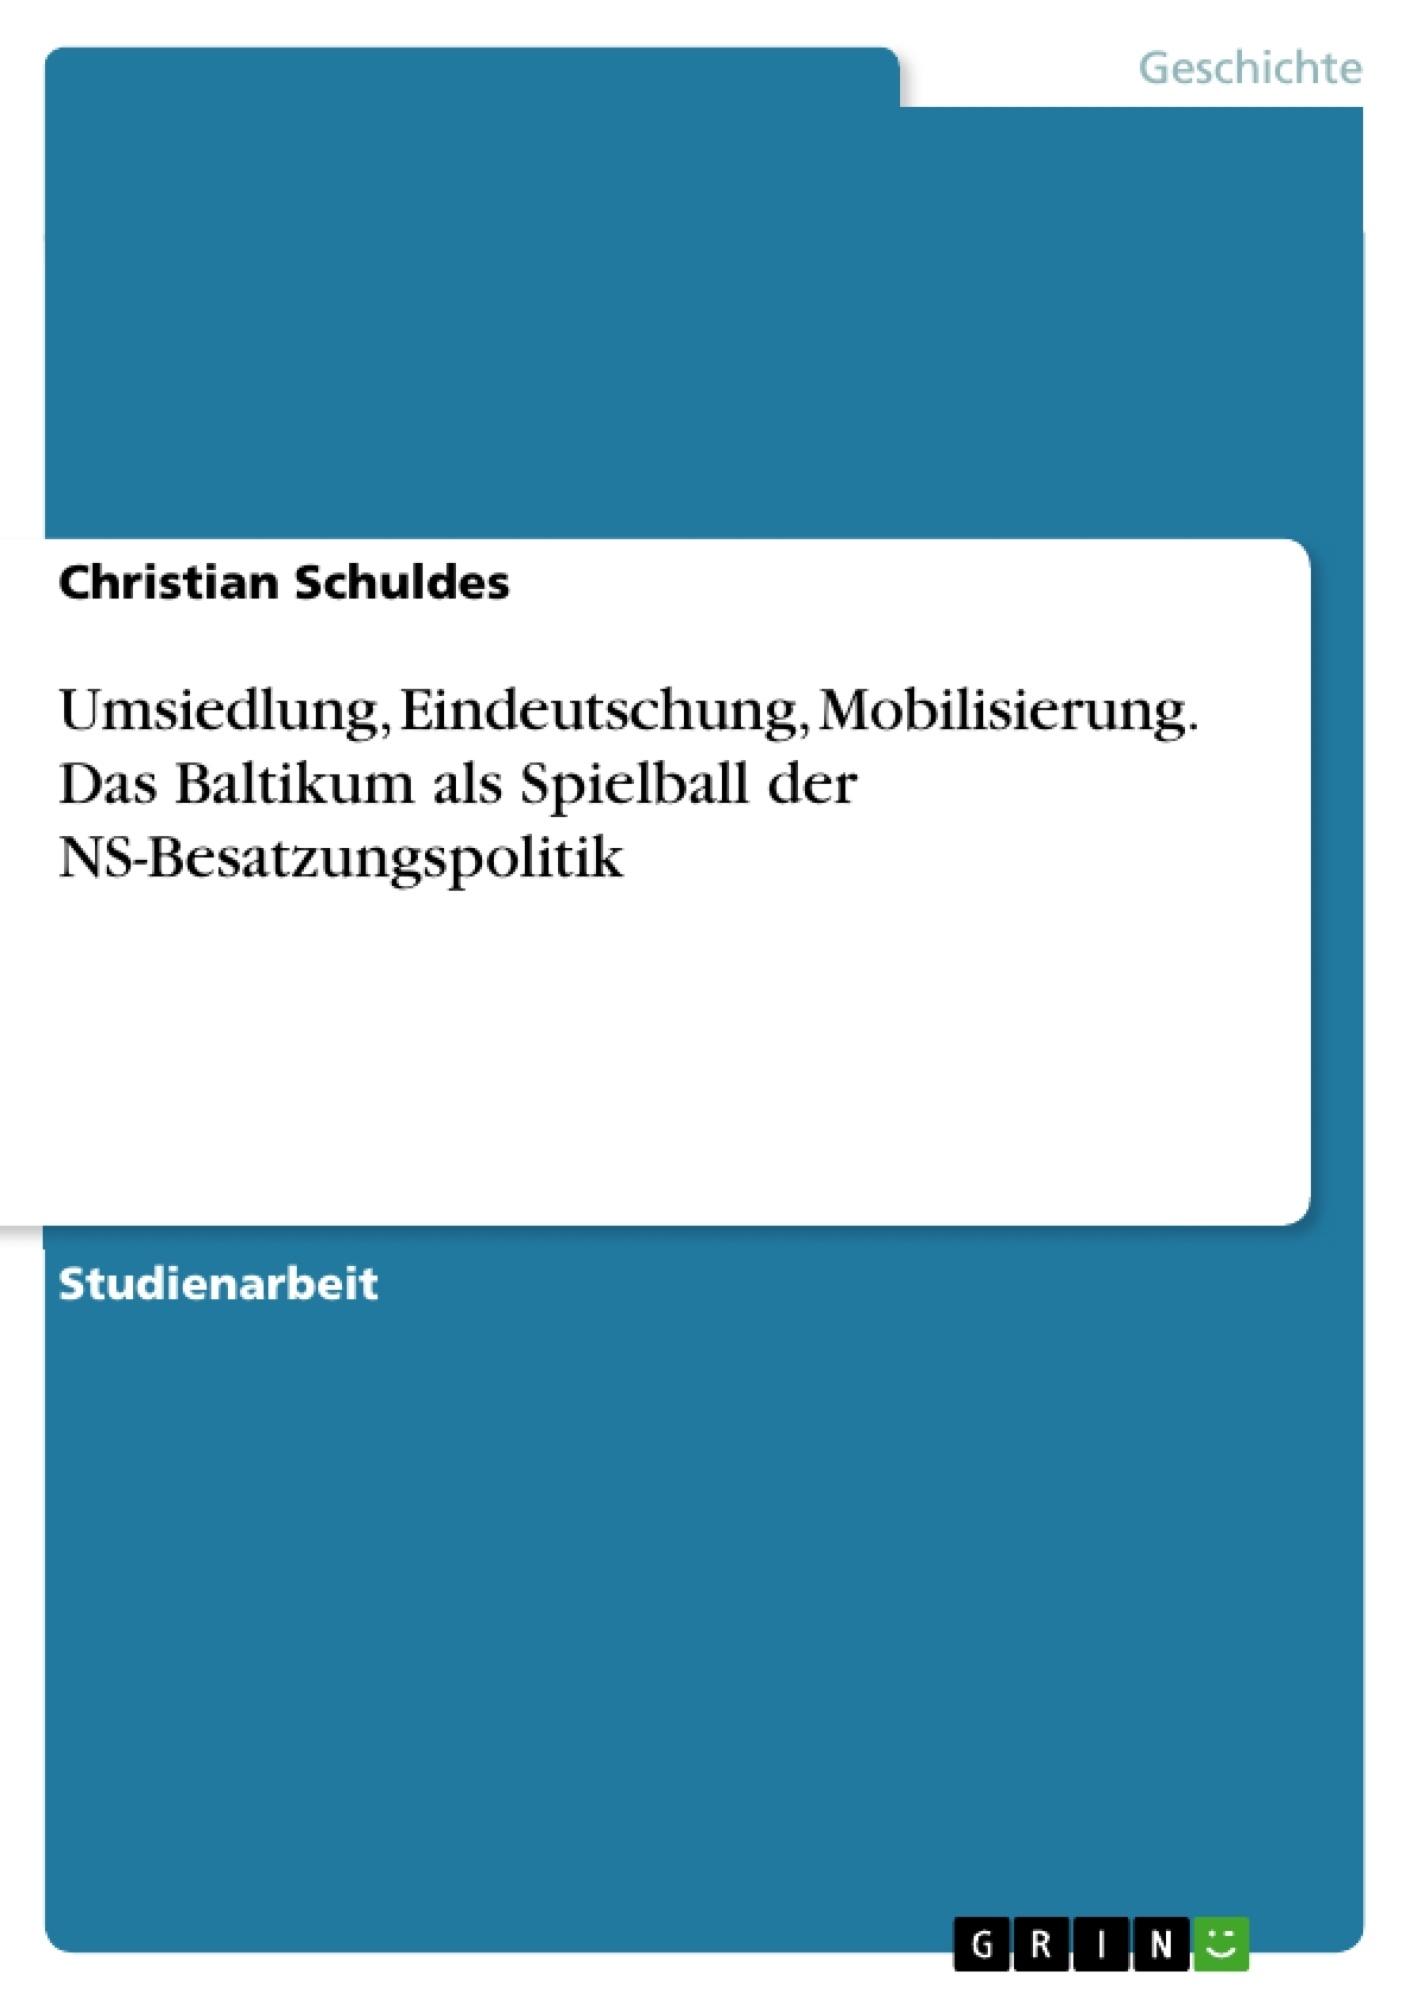 Titel: Umsiedlung, Eindeutschung, Mobilisierung. Das Baltikum als Spielball der NS-Besatzungspolitik